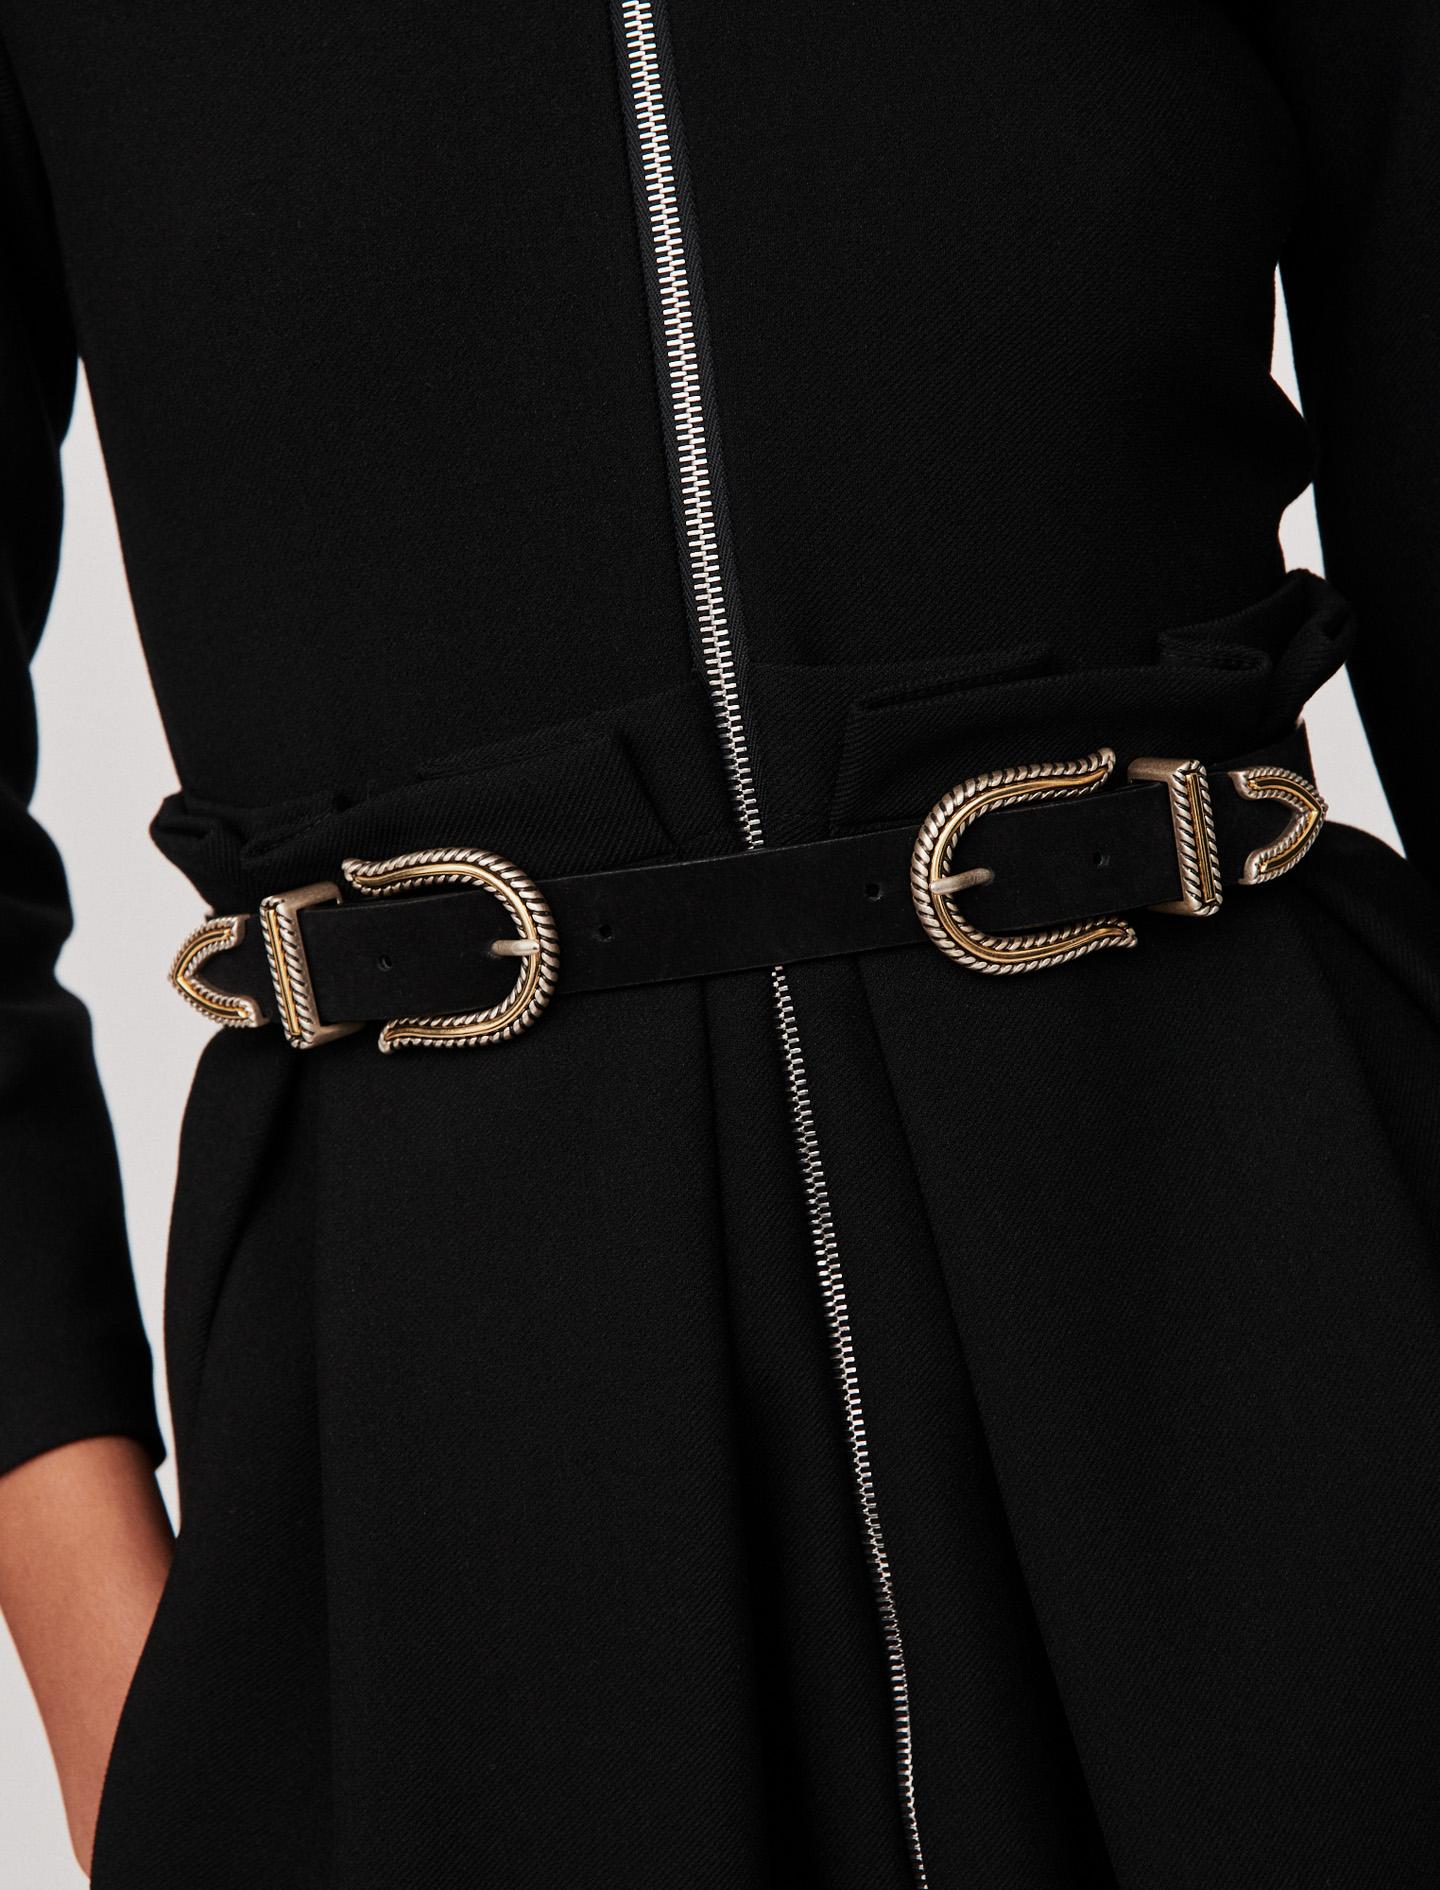 Western double buckle belt  - Black